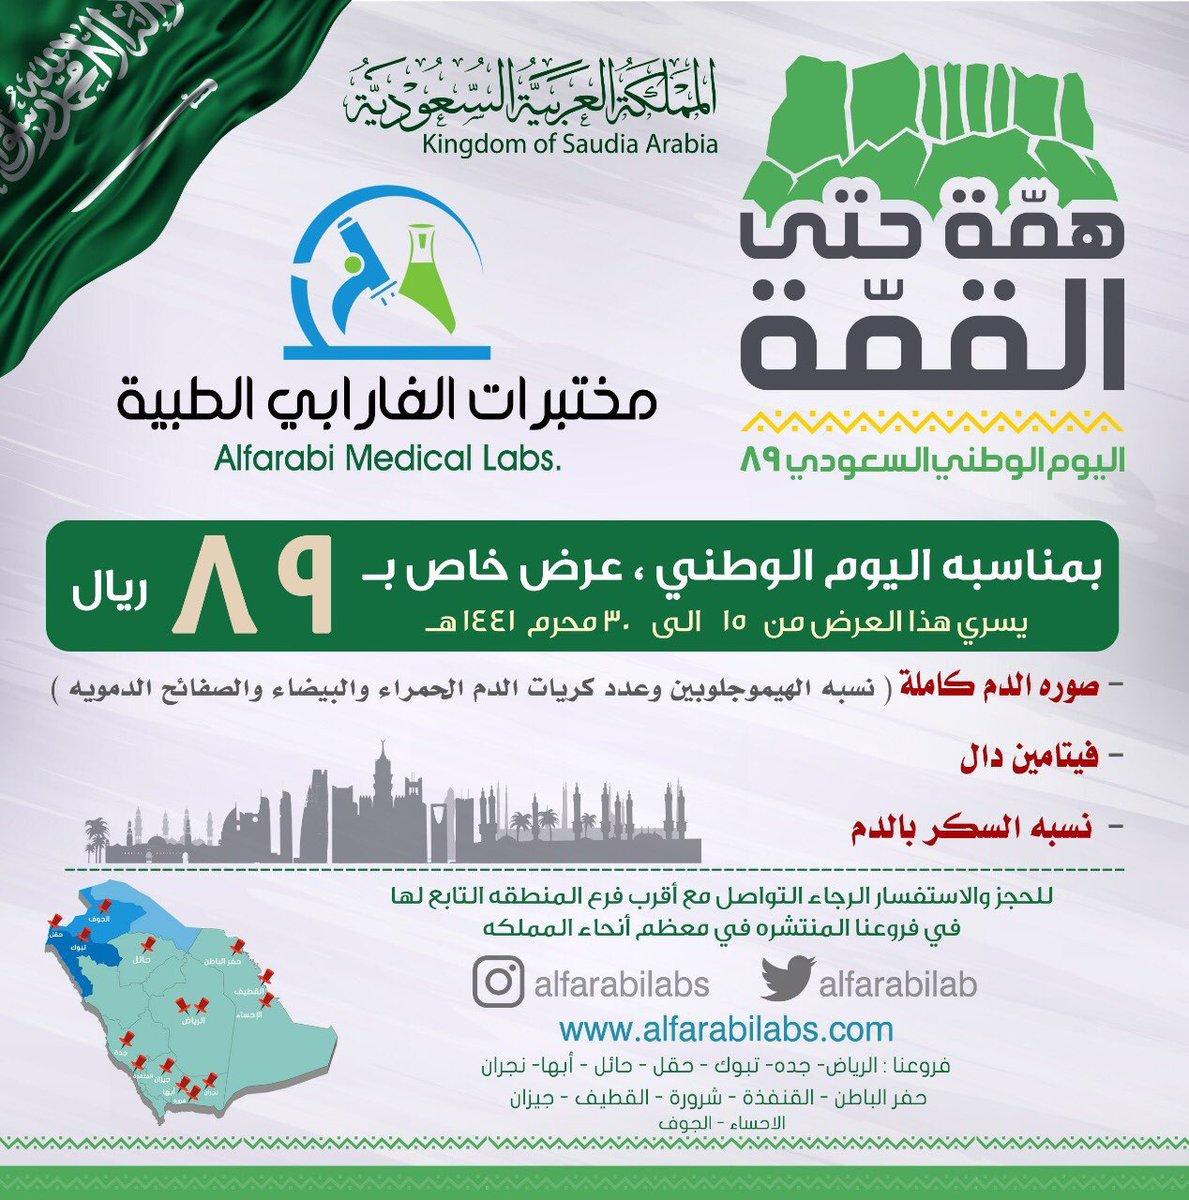 عروض اليوم الوطني 89 Twitter Thread From سلطان الهلالي الزم بيتك Hlali 1409 Rattibha